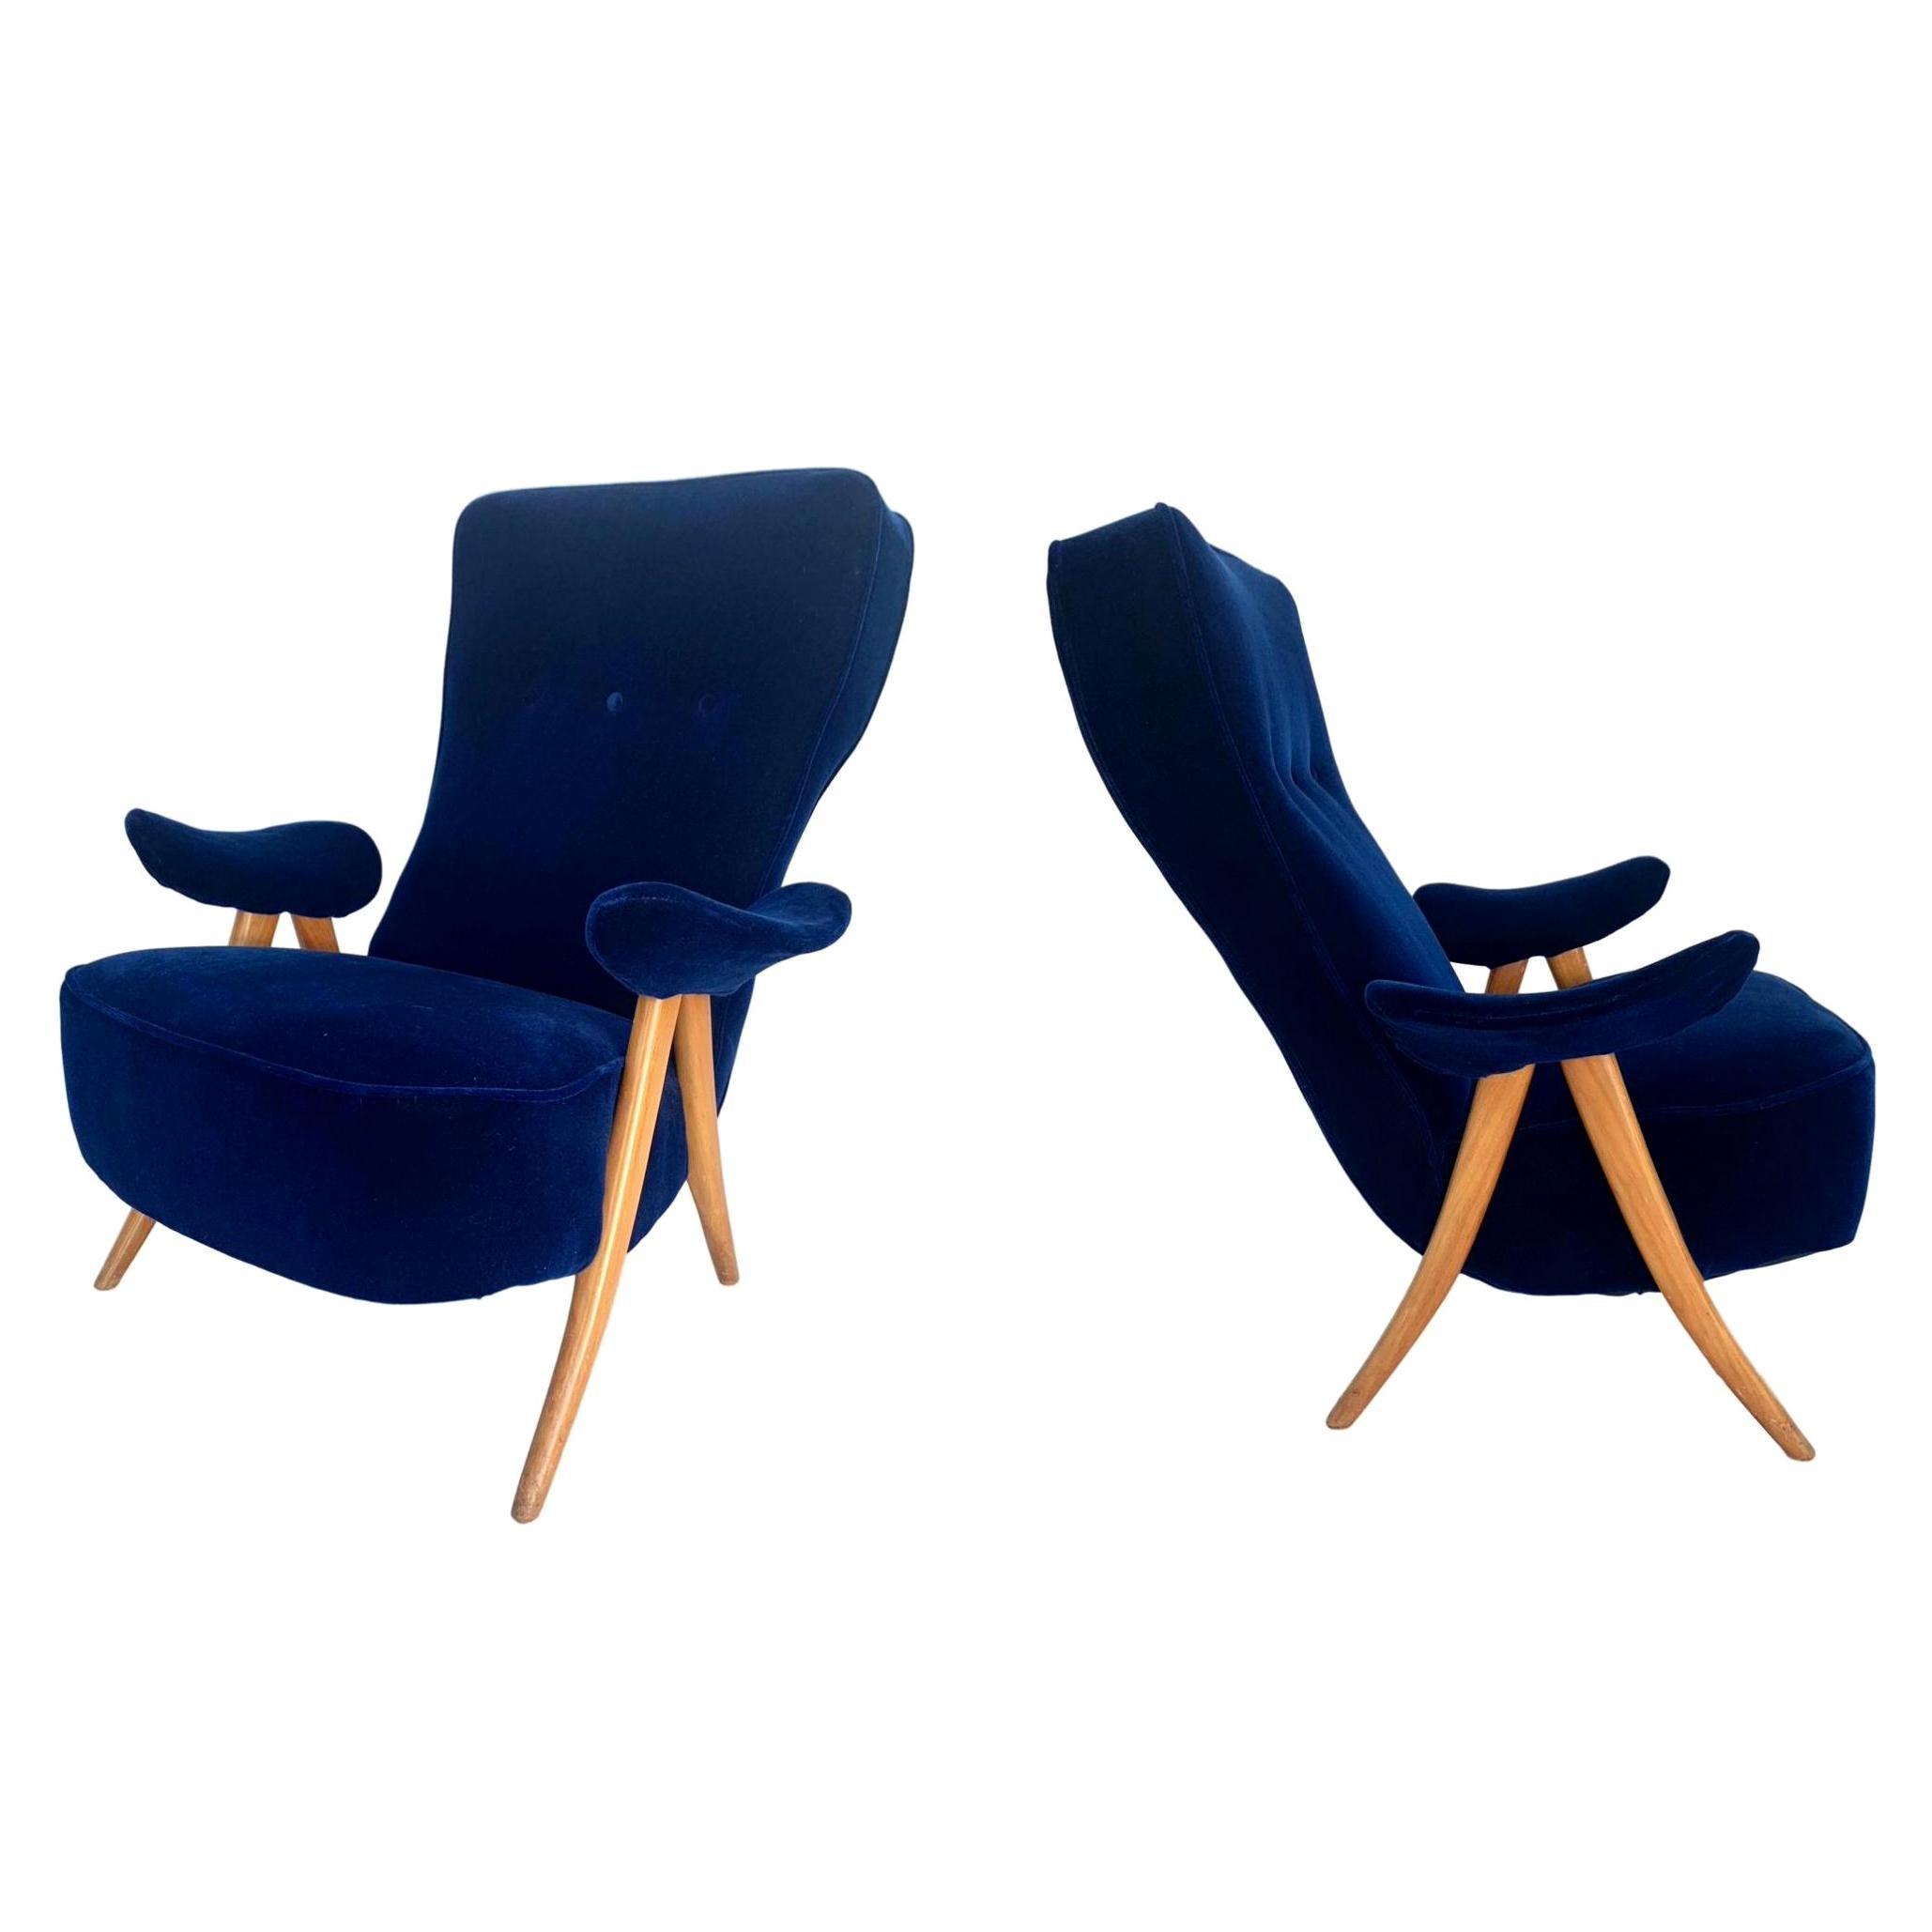 Pair or Sculptural Italian Chairs